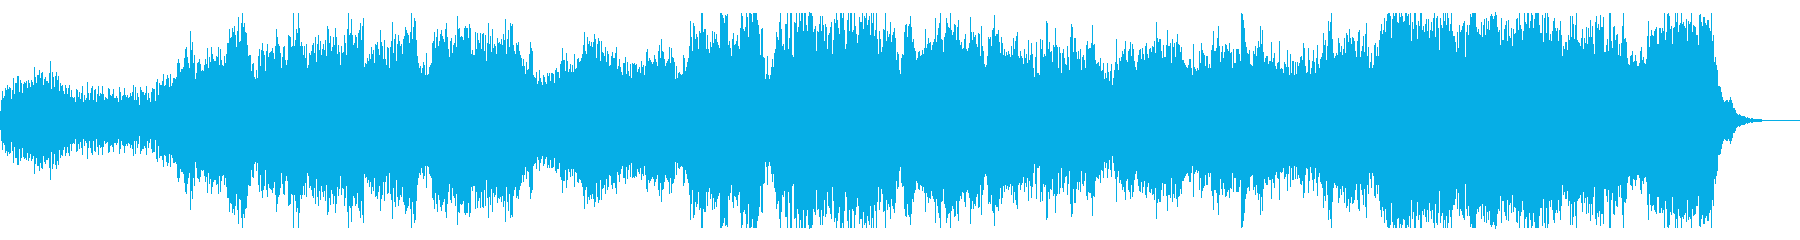 コーラス入りダークでシネマチックなBGMの再生済みの波形